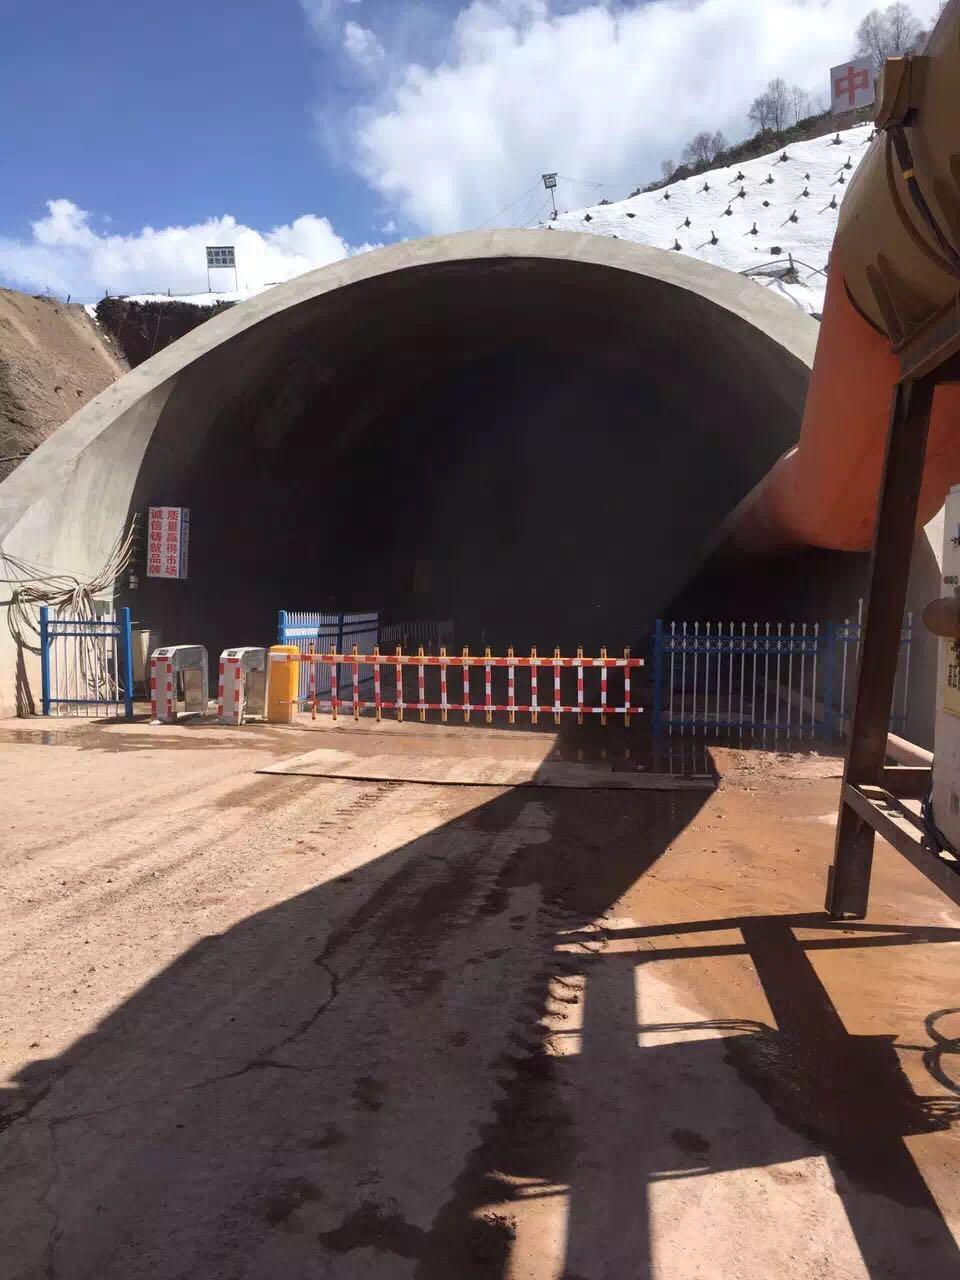 隧道人员精确定位系统